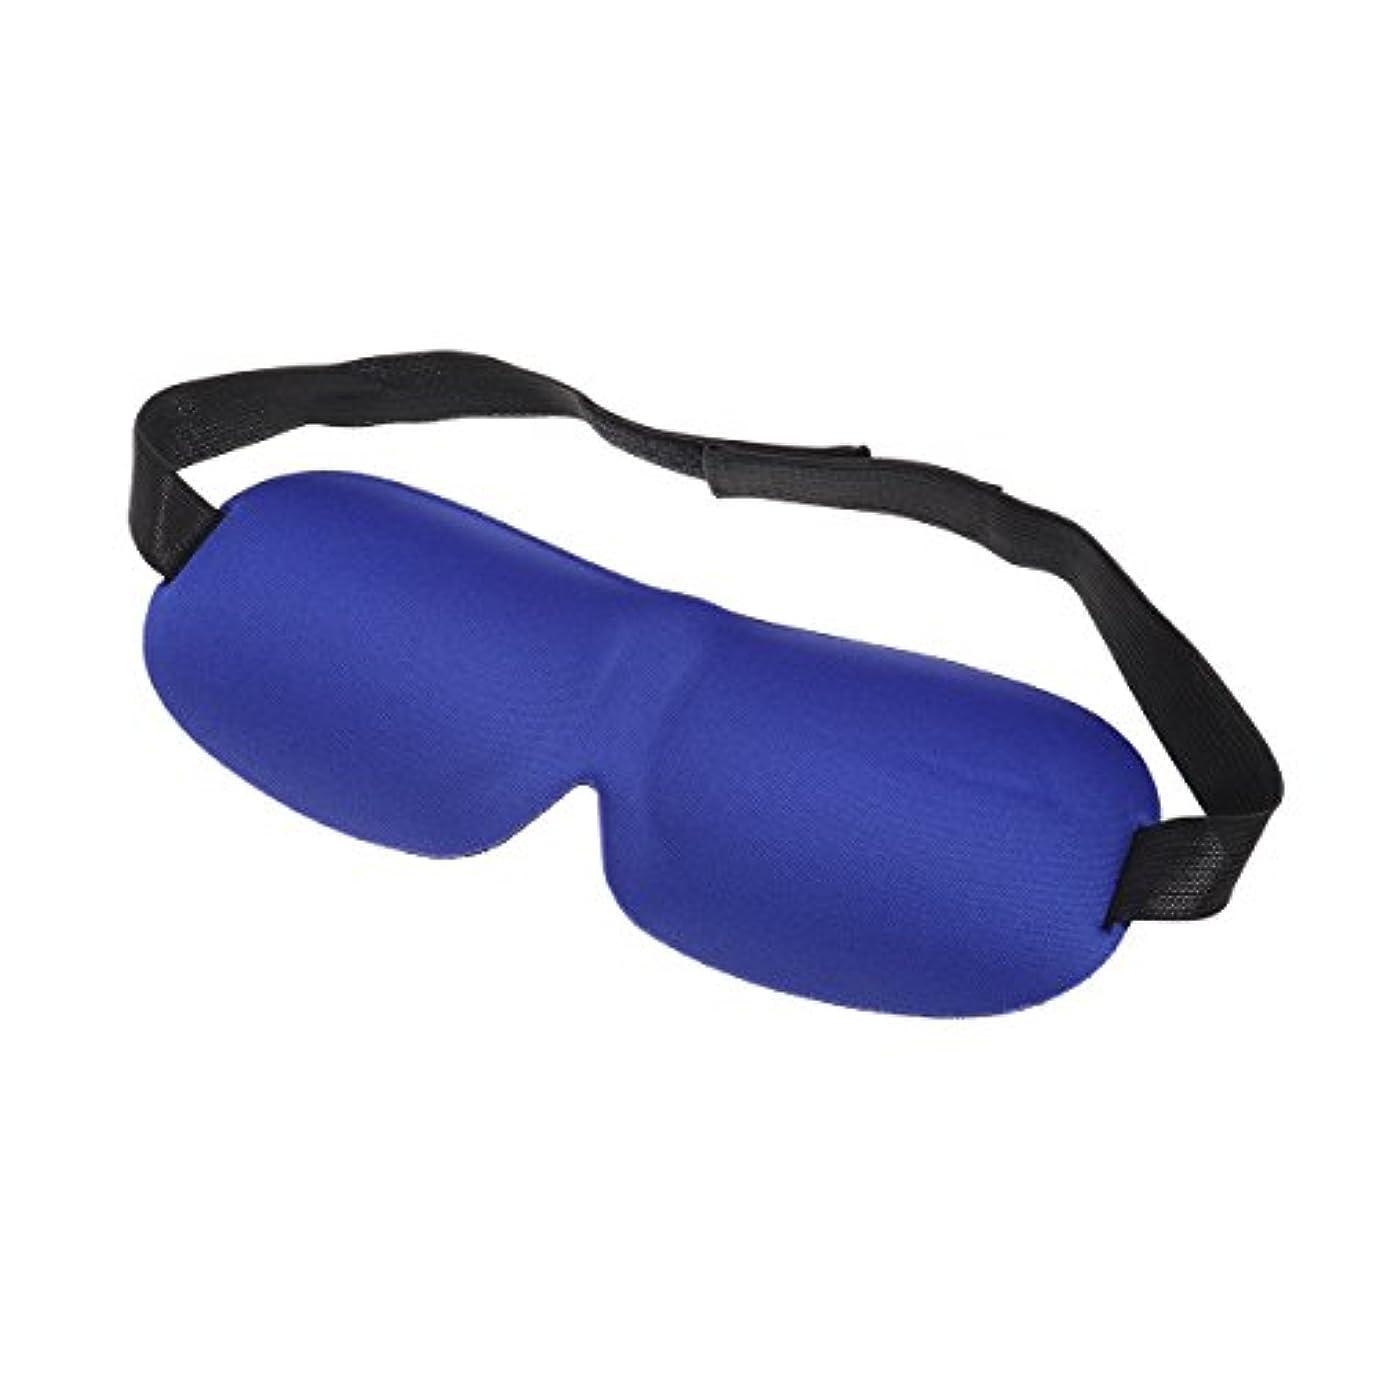 ネコ汚すスローガンROSENICE アイマスク 遮光 睡眠 軽量 目隠し 圧迫感なし 調節可能 3D睡眠マスク(ブルー)